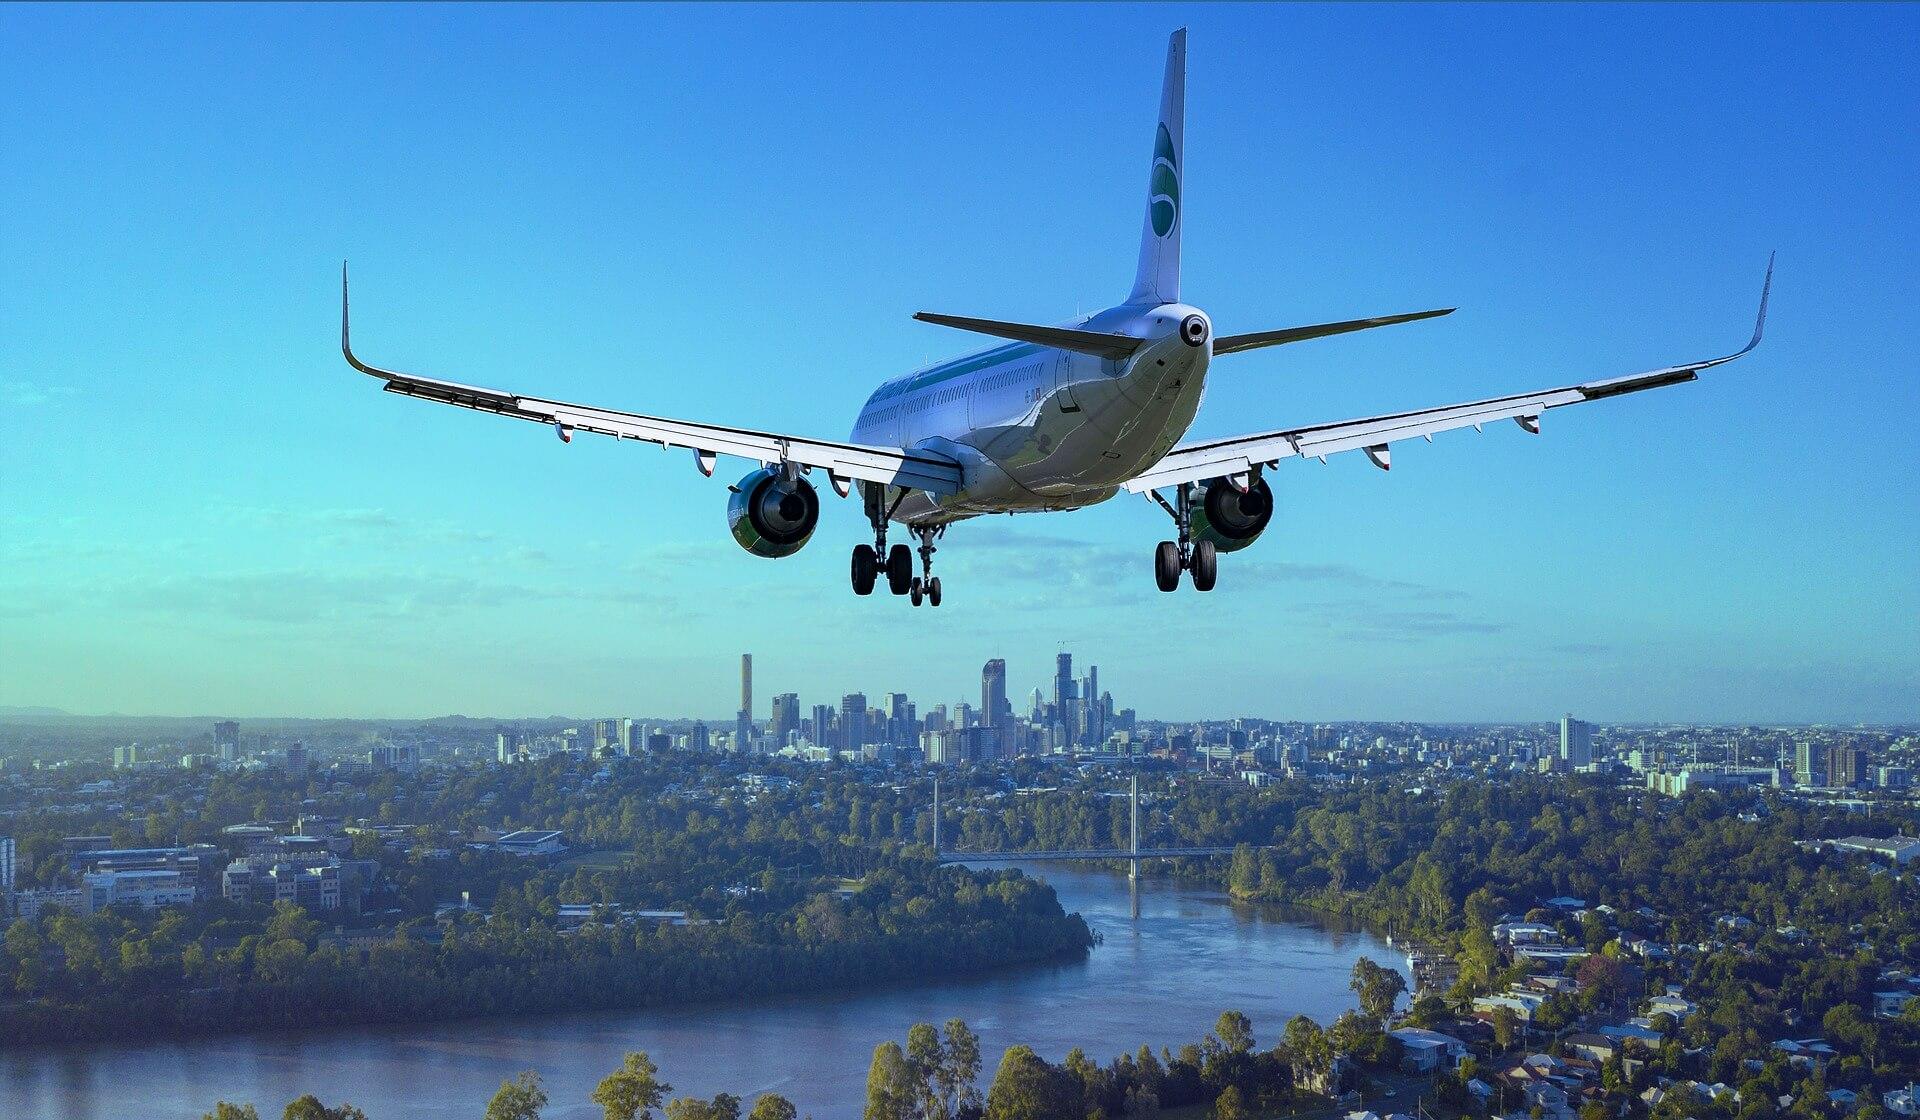 Si vous voyagez à l'étranger à chaque année en avion, les émissions des vols pourraient fort bien annuler tous vos autres efforts personnels...